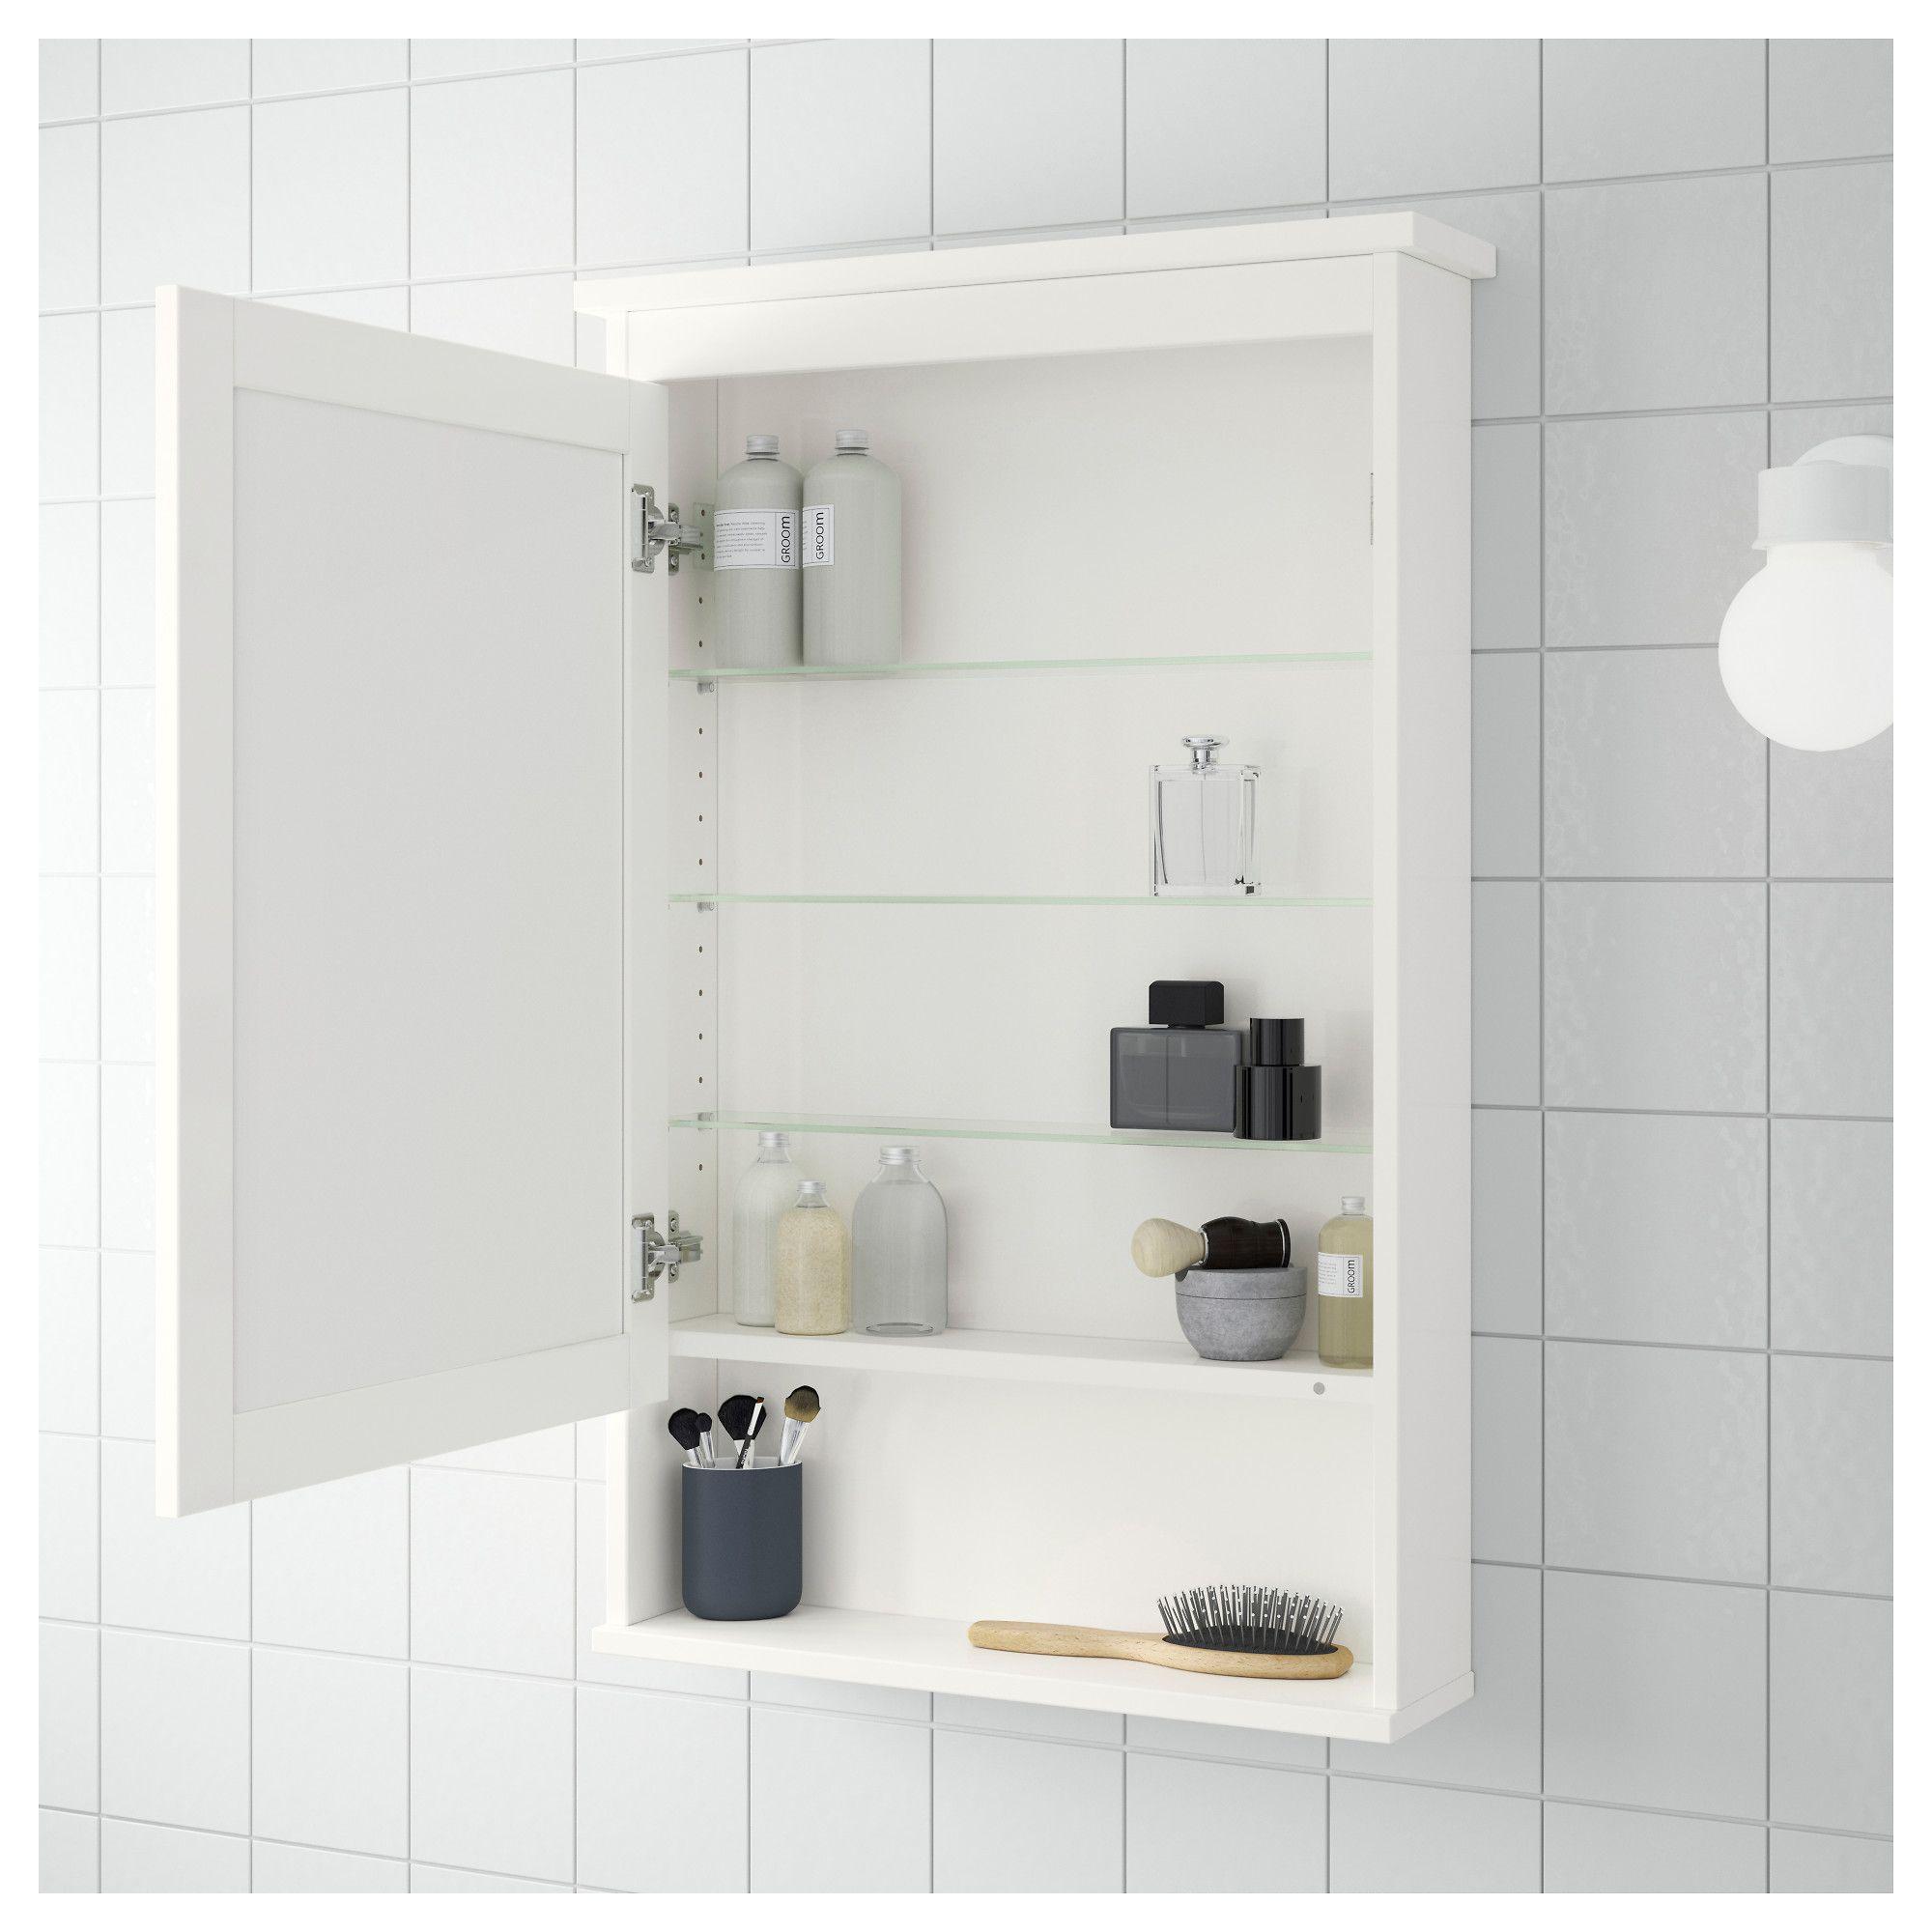 HEMNES Spiegelschrank 1 Tür weiß | Spiegelschrank, Kleines ...